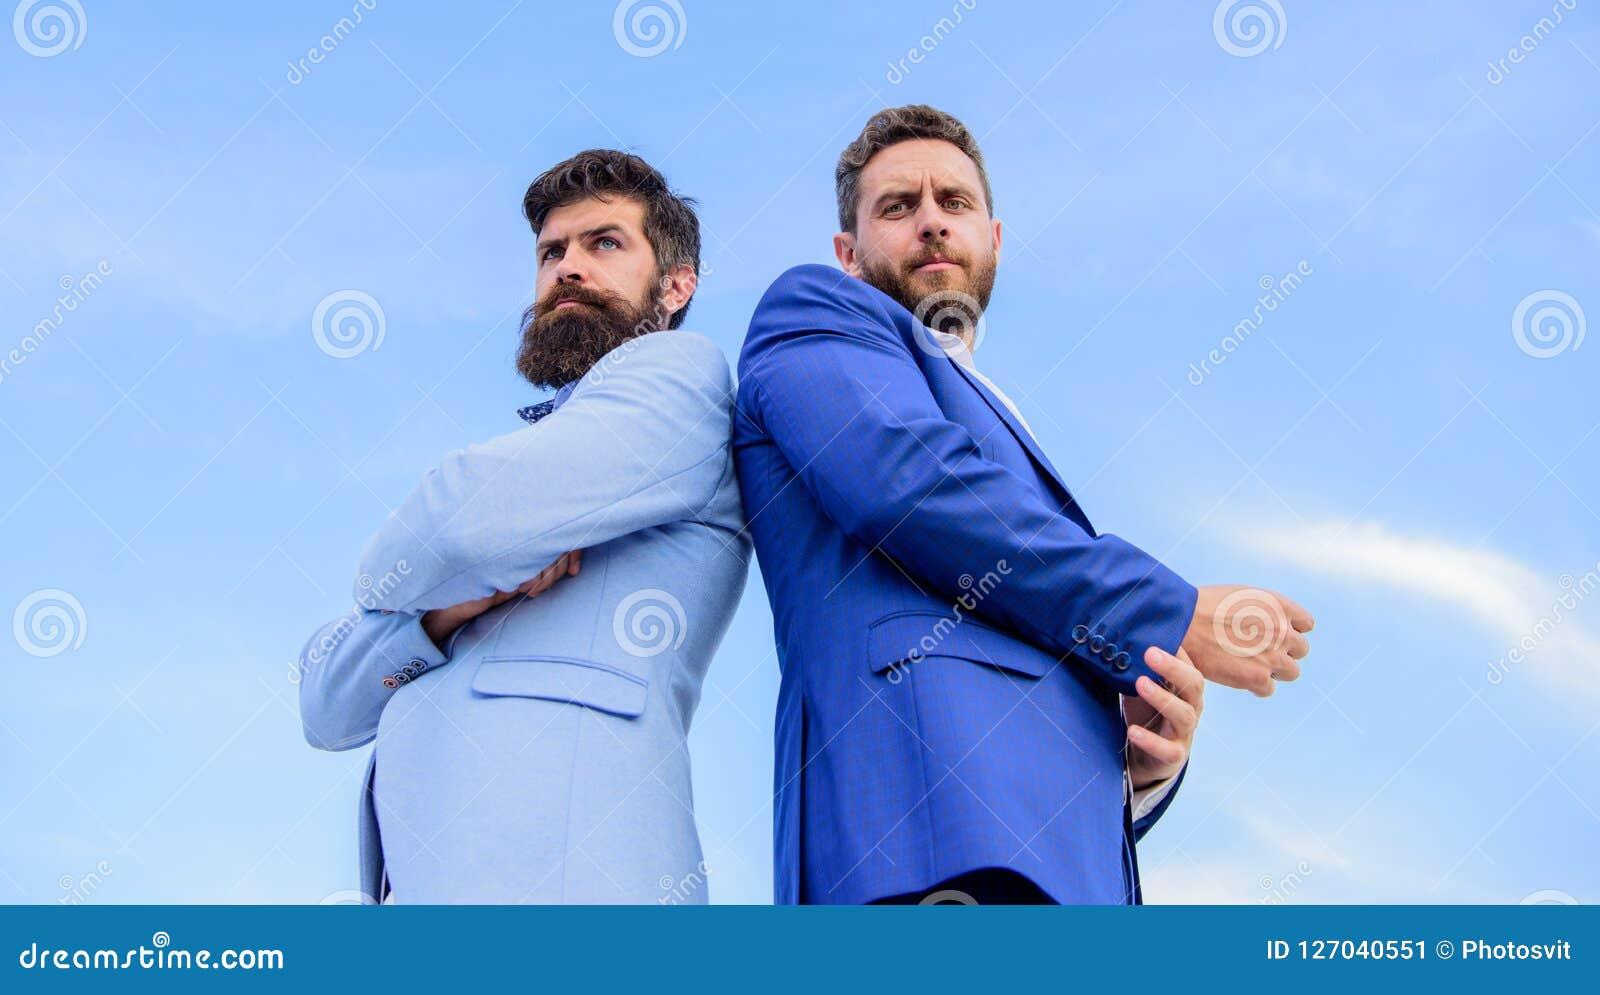 Gli uomini di affari stanno indietro per appoggiare il fondo del cielo blu L aspetto impeccabile migliora l imprenditore del prof